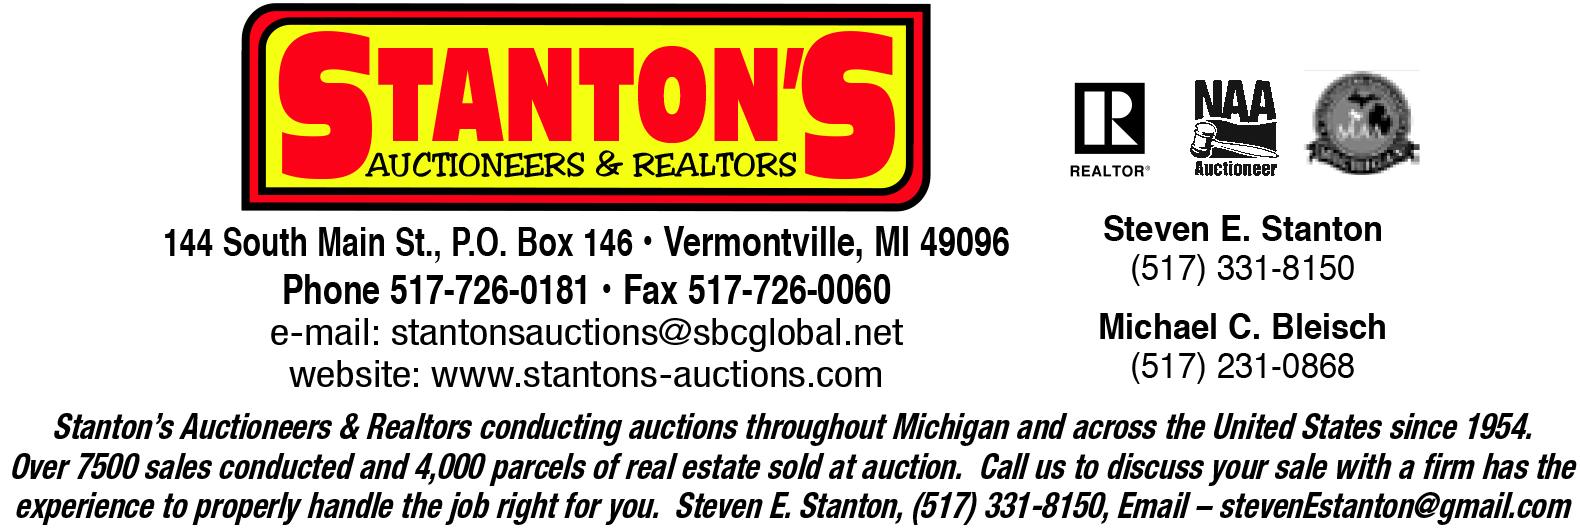 Stanton's Auctioneers & Realtors logo